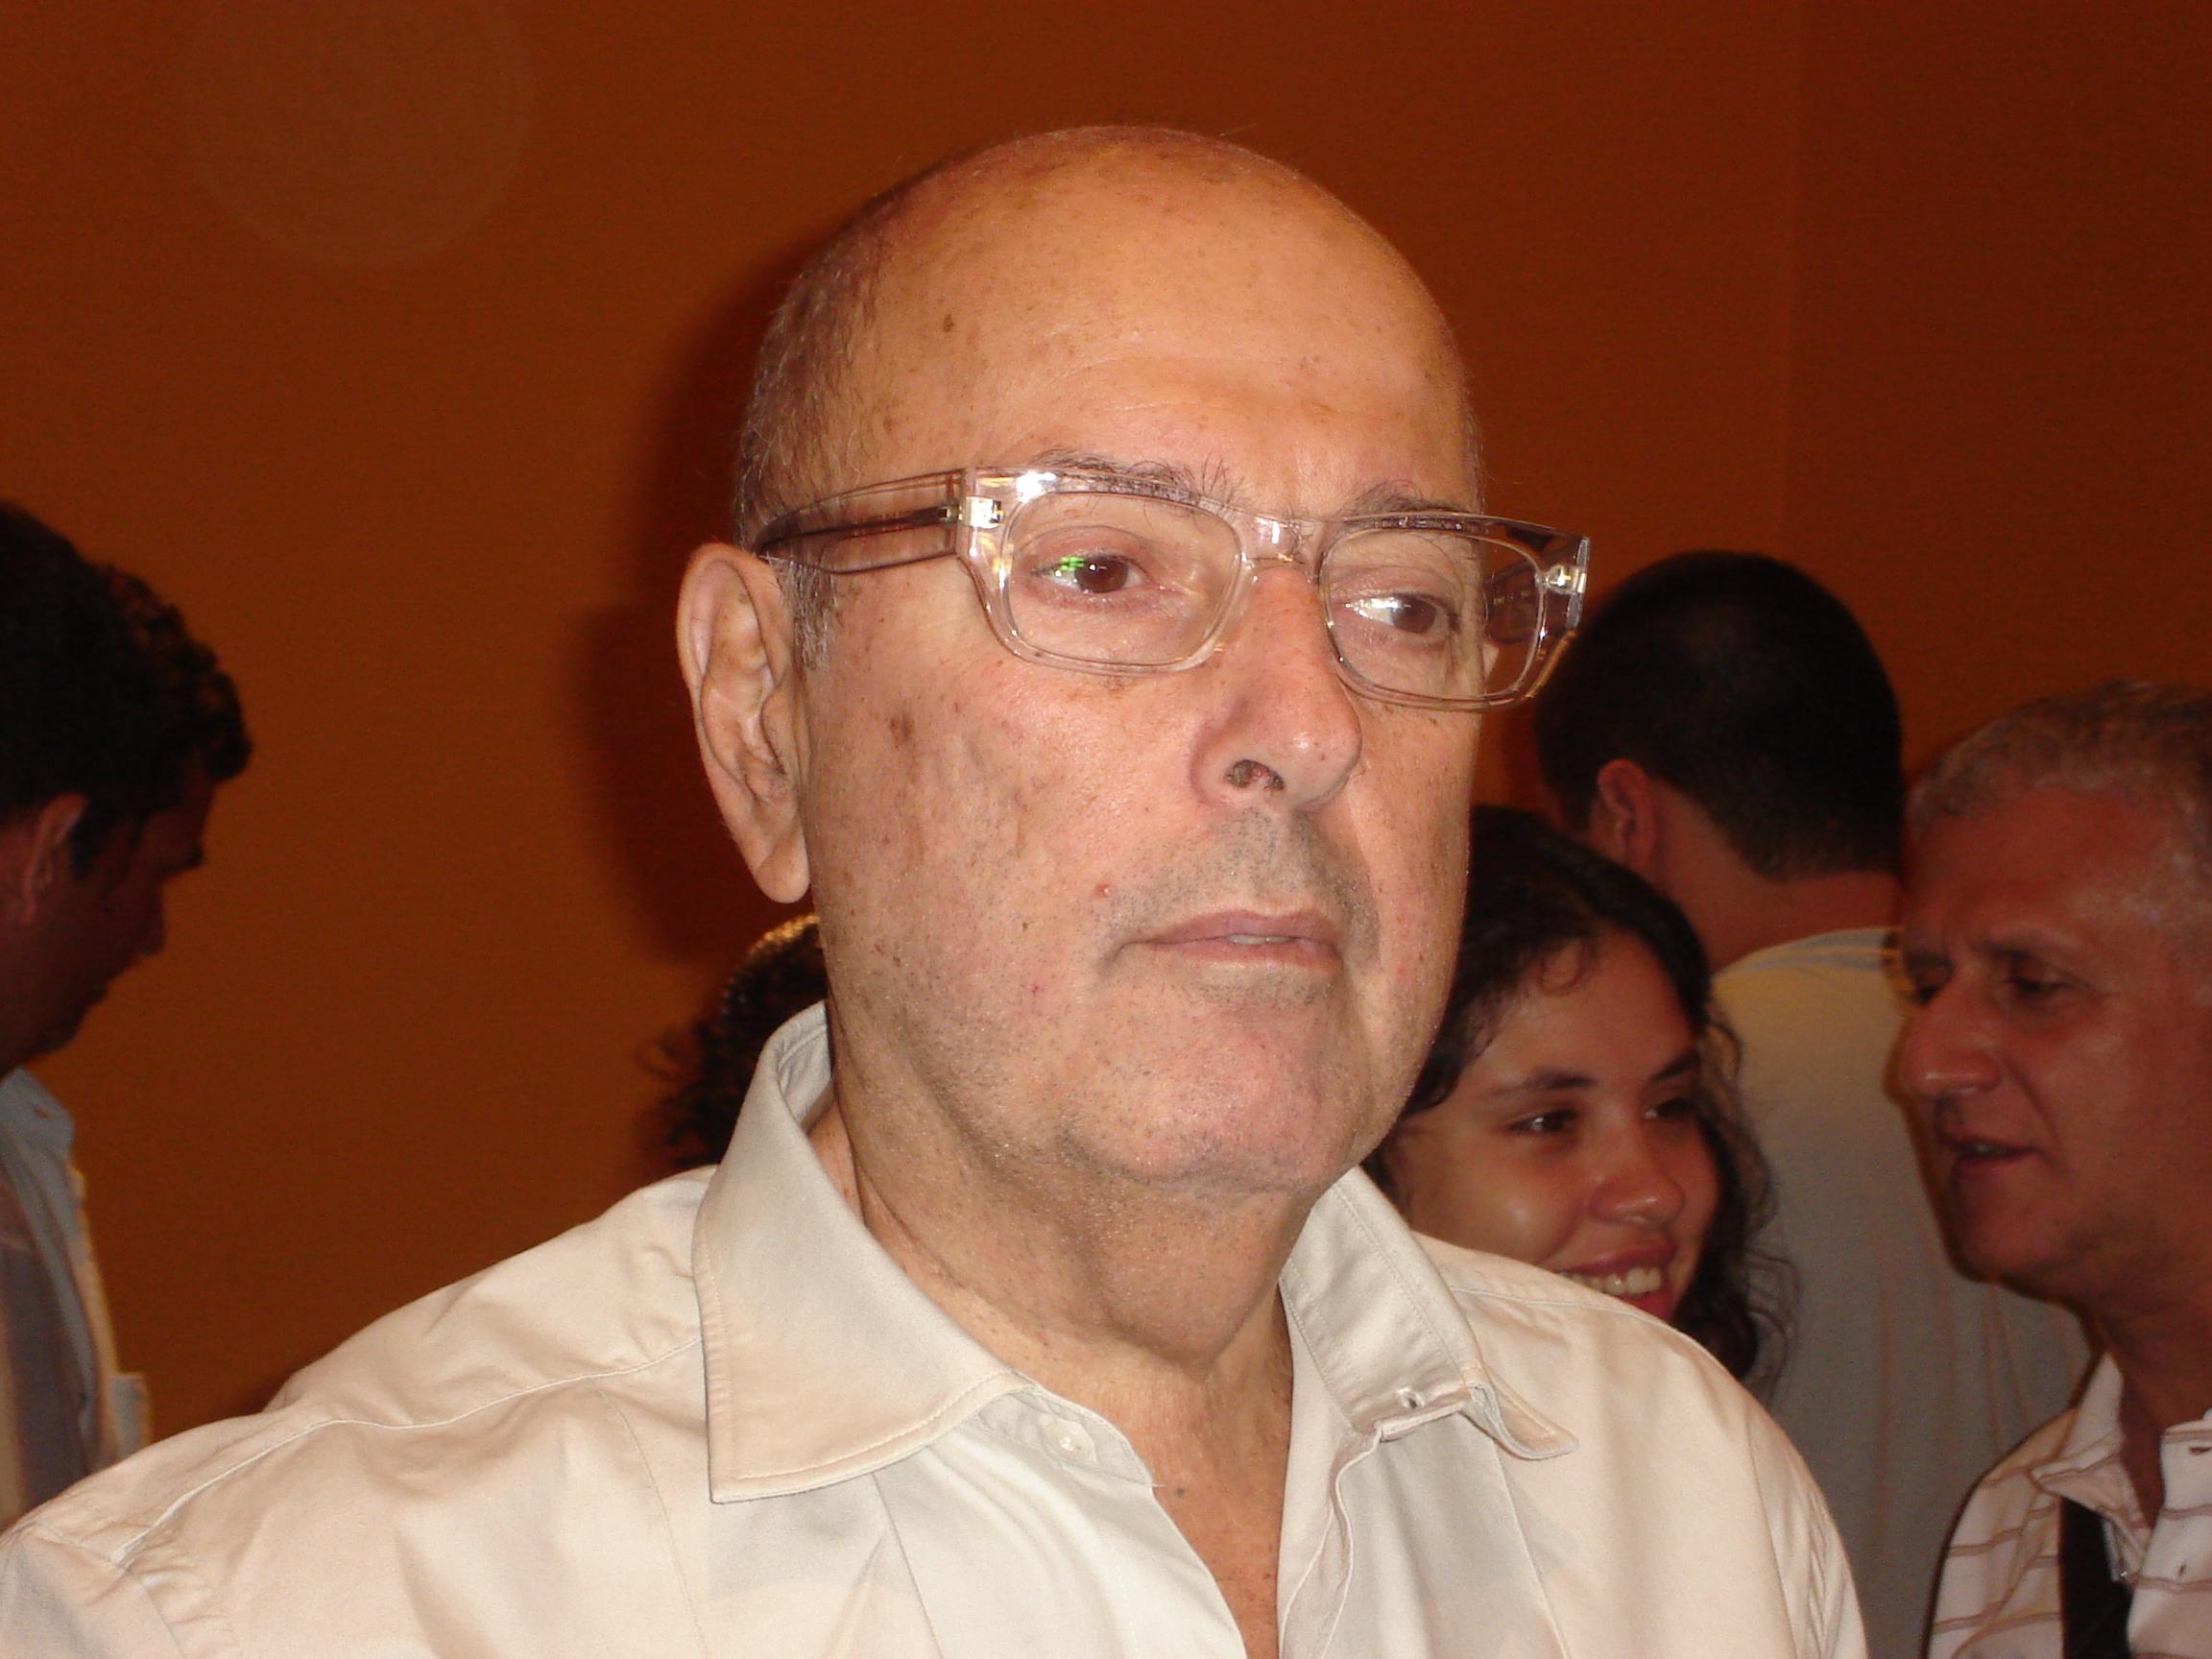 Hector_Babenco